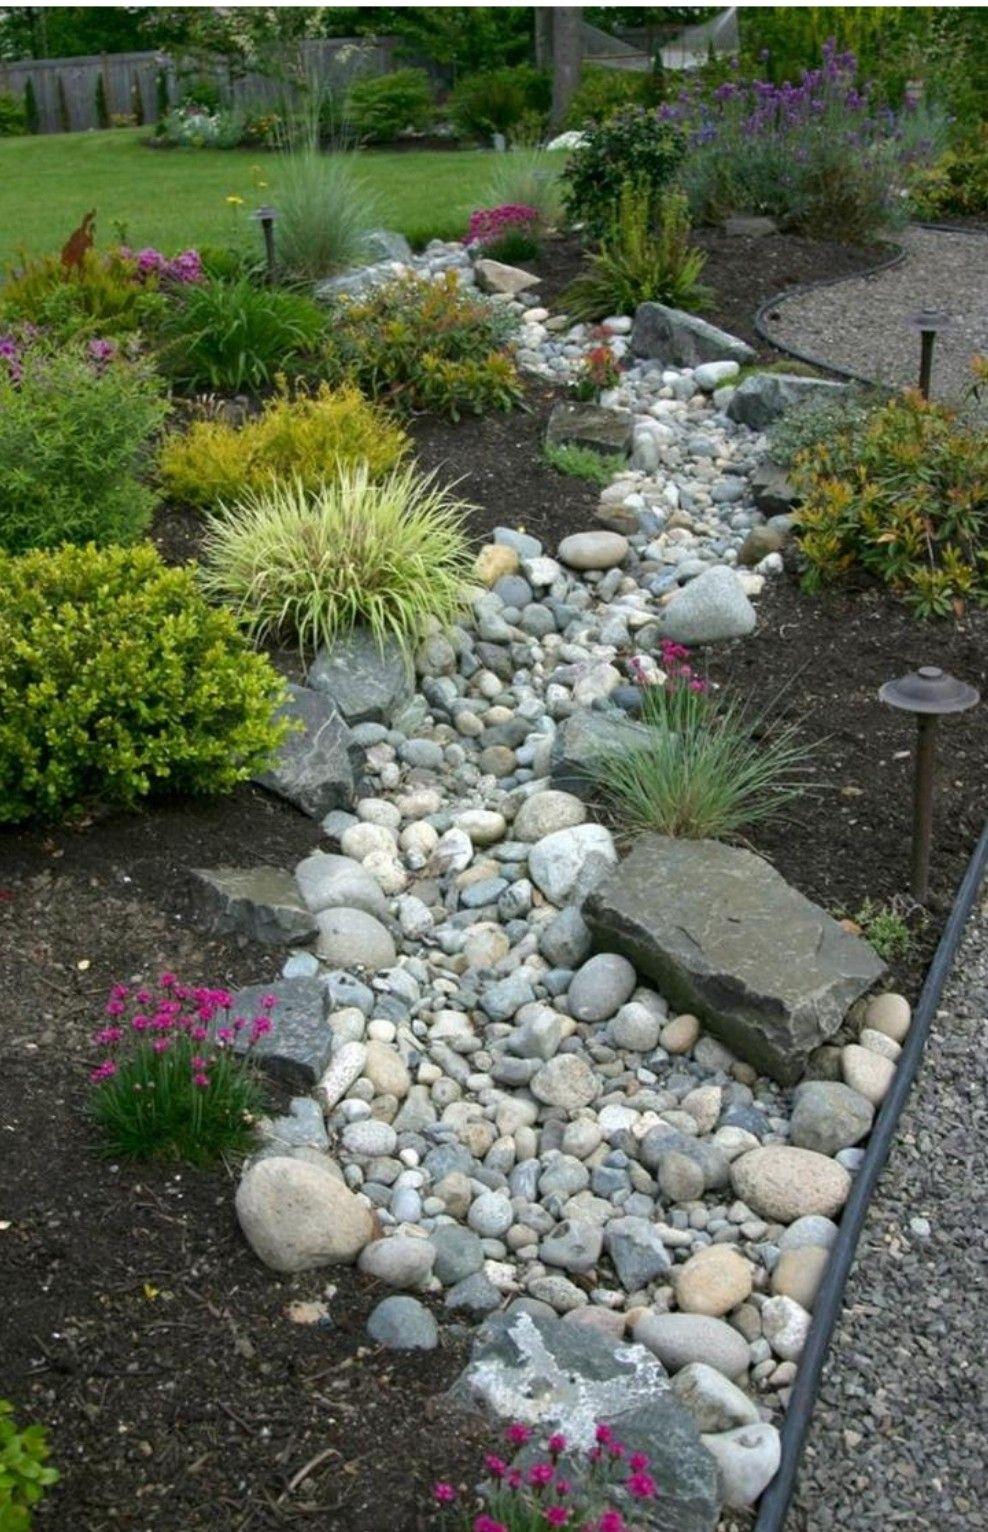 Pin By Sherry Allnutt On Backyard Ideas Pinterest Yard